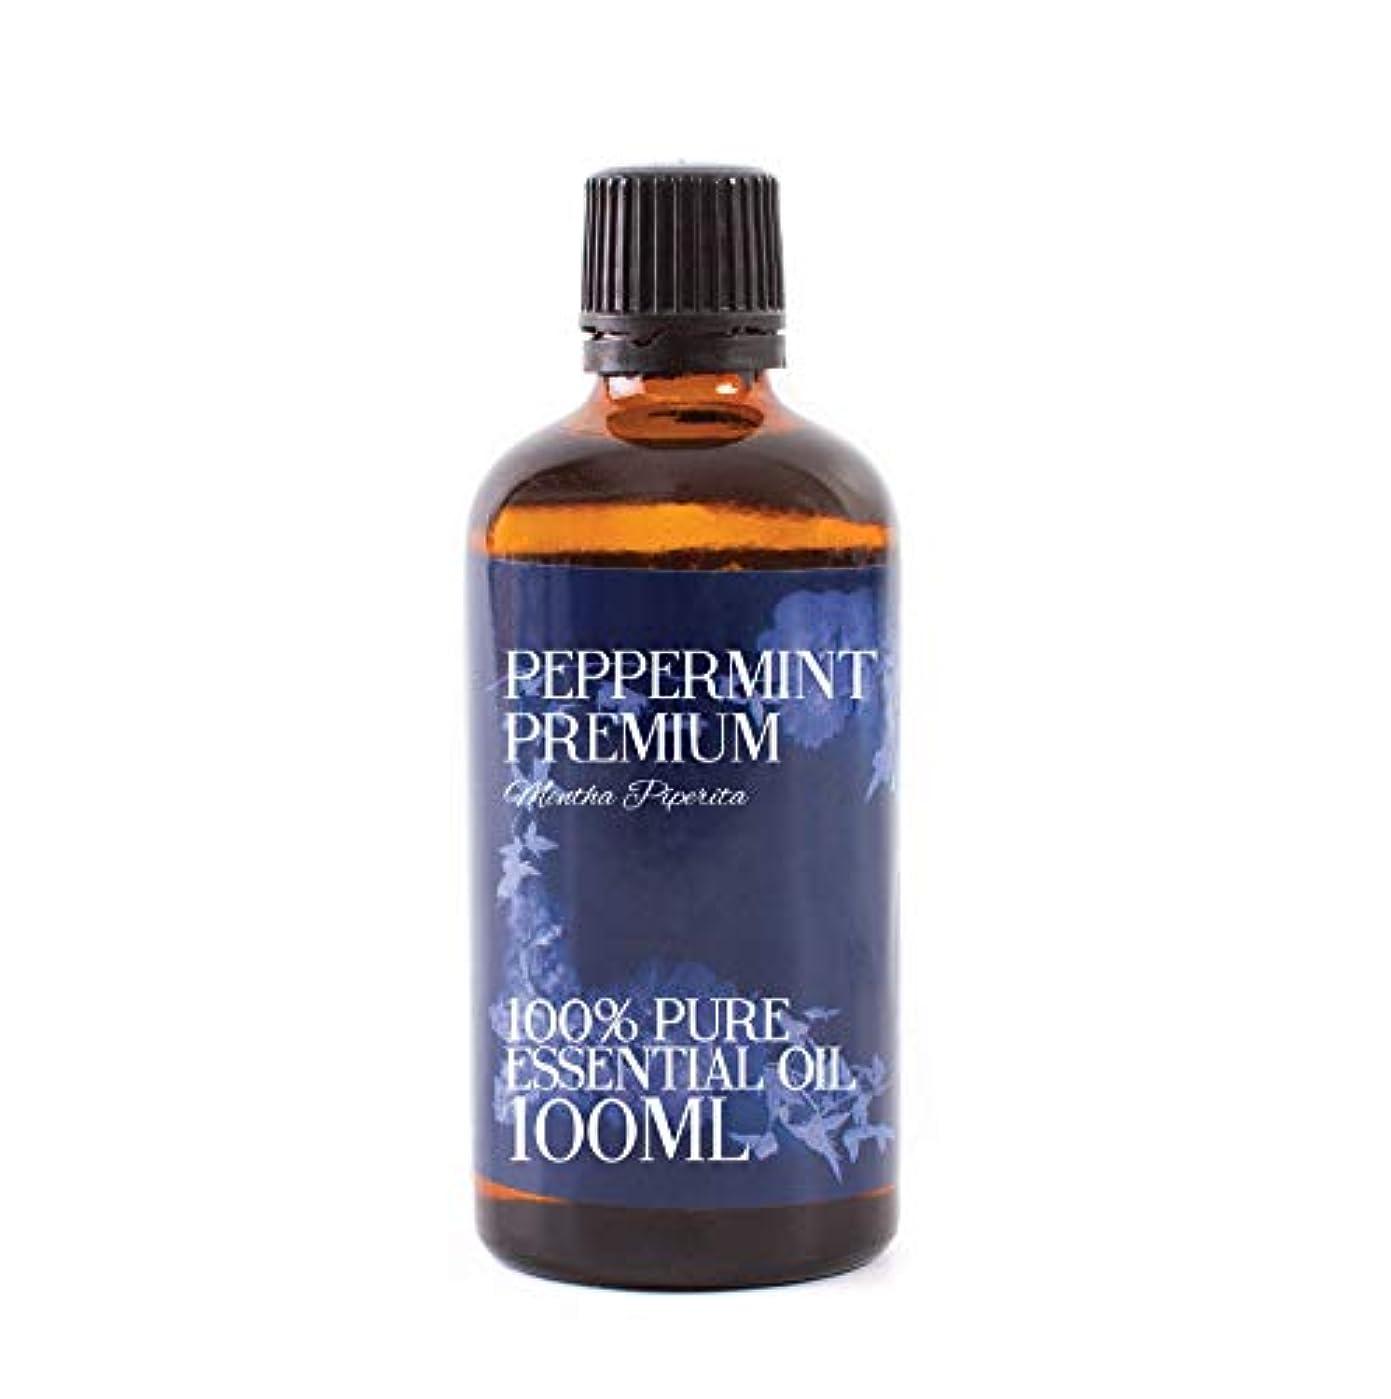 と遊ぶ些細なカテゴリーMystic Moments | Peppermint Premium Essential Oil - 100ml - 100% Pure